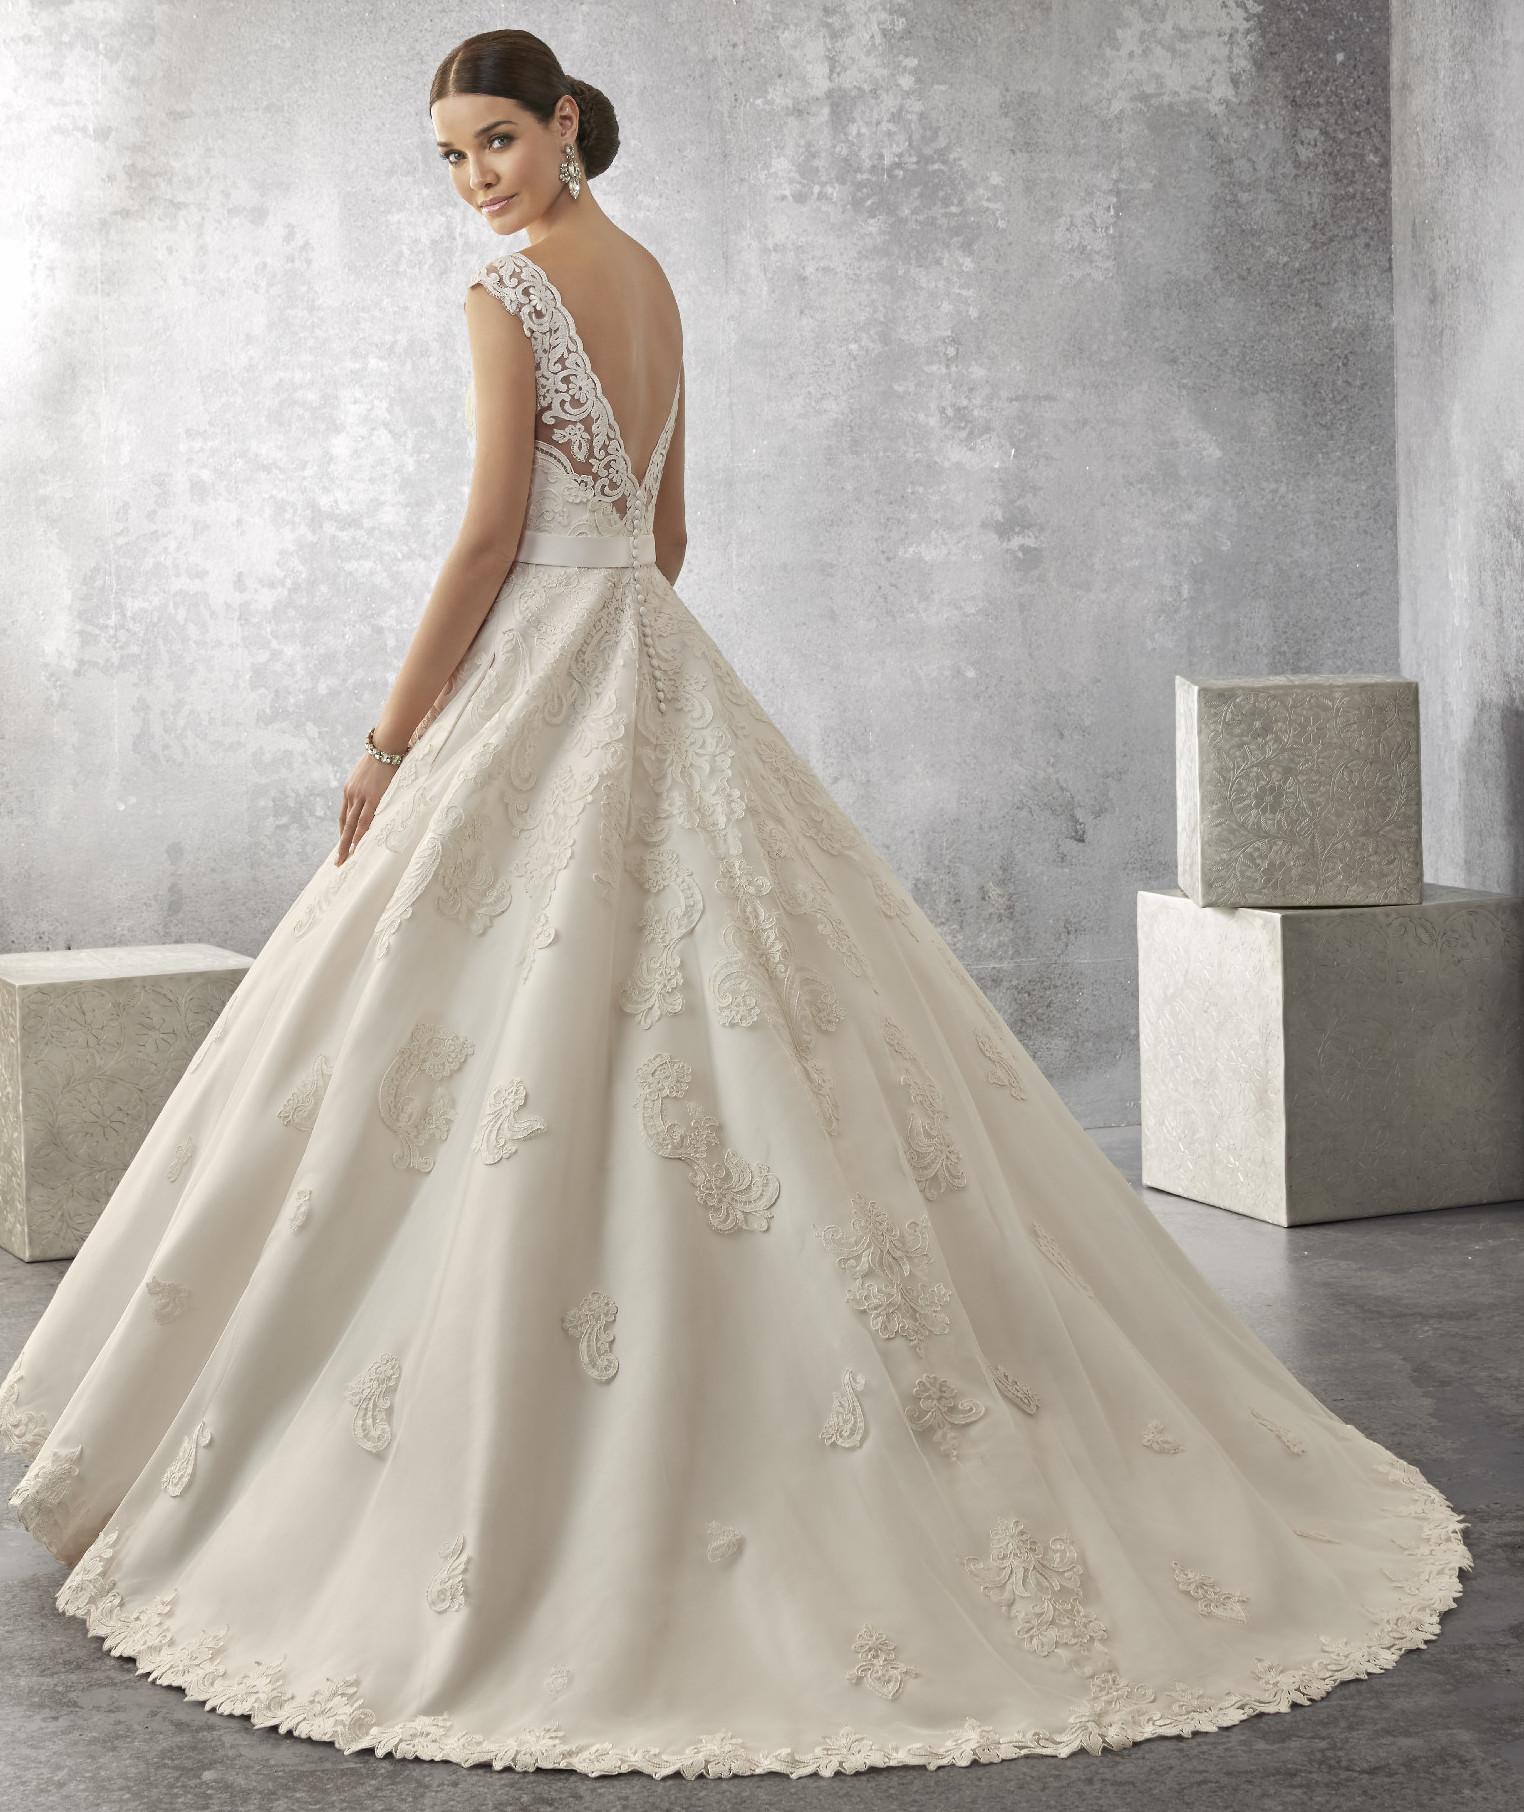 Νυφικό Φόρεμα, Ronald Joyce, Δαντέλα, Κεντημένη σε Micado,. Style,.69170